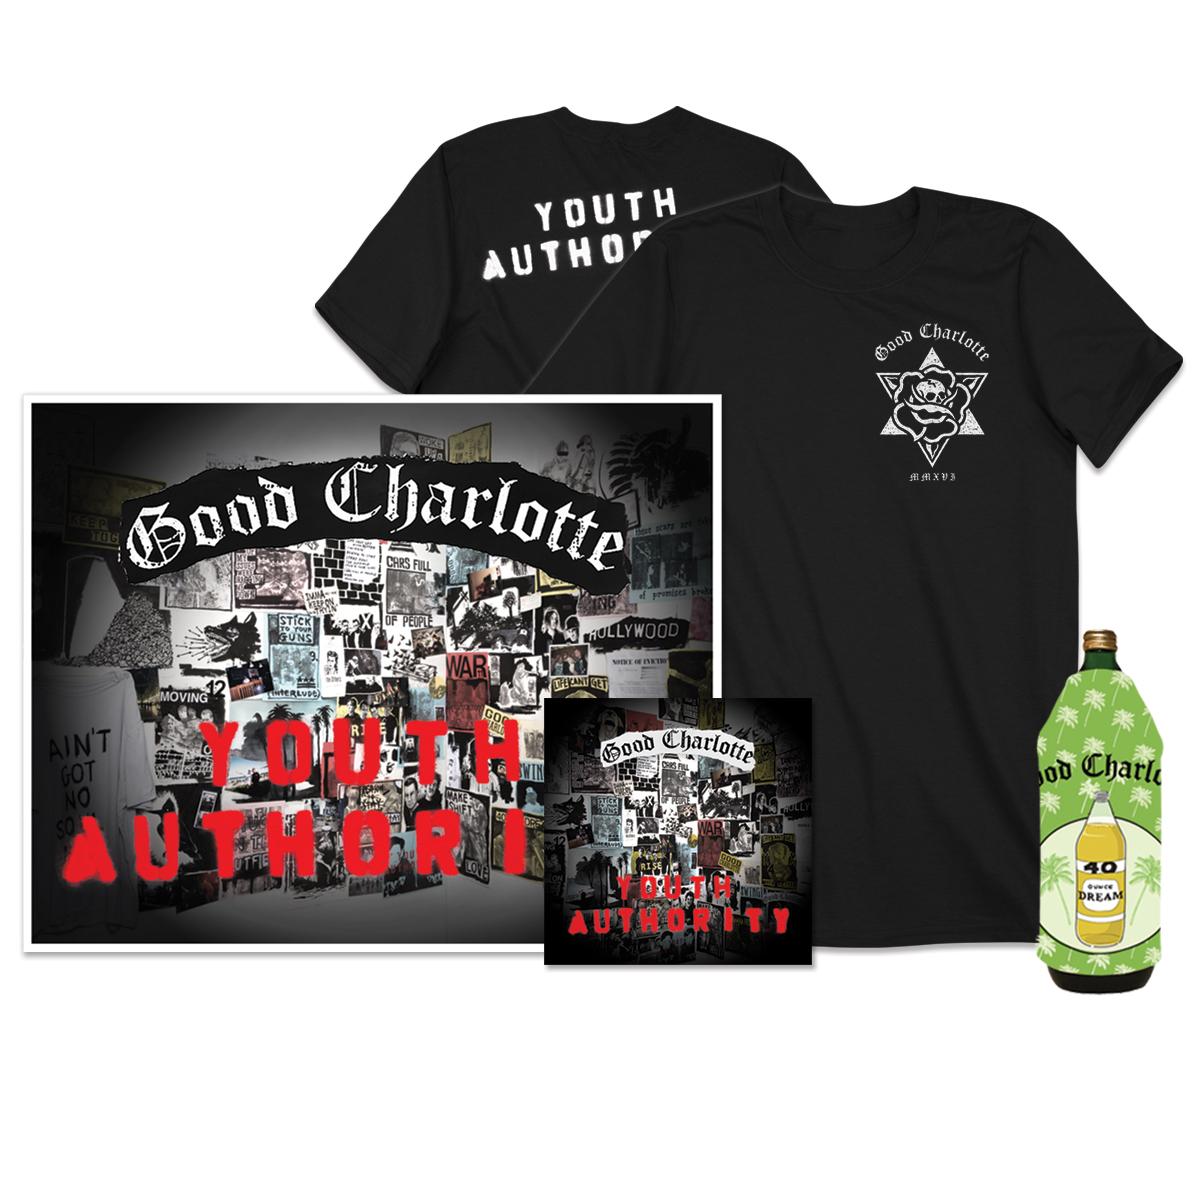 Youth Authority CD + Signed Litho +T-shirt + Koozie